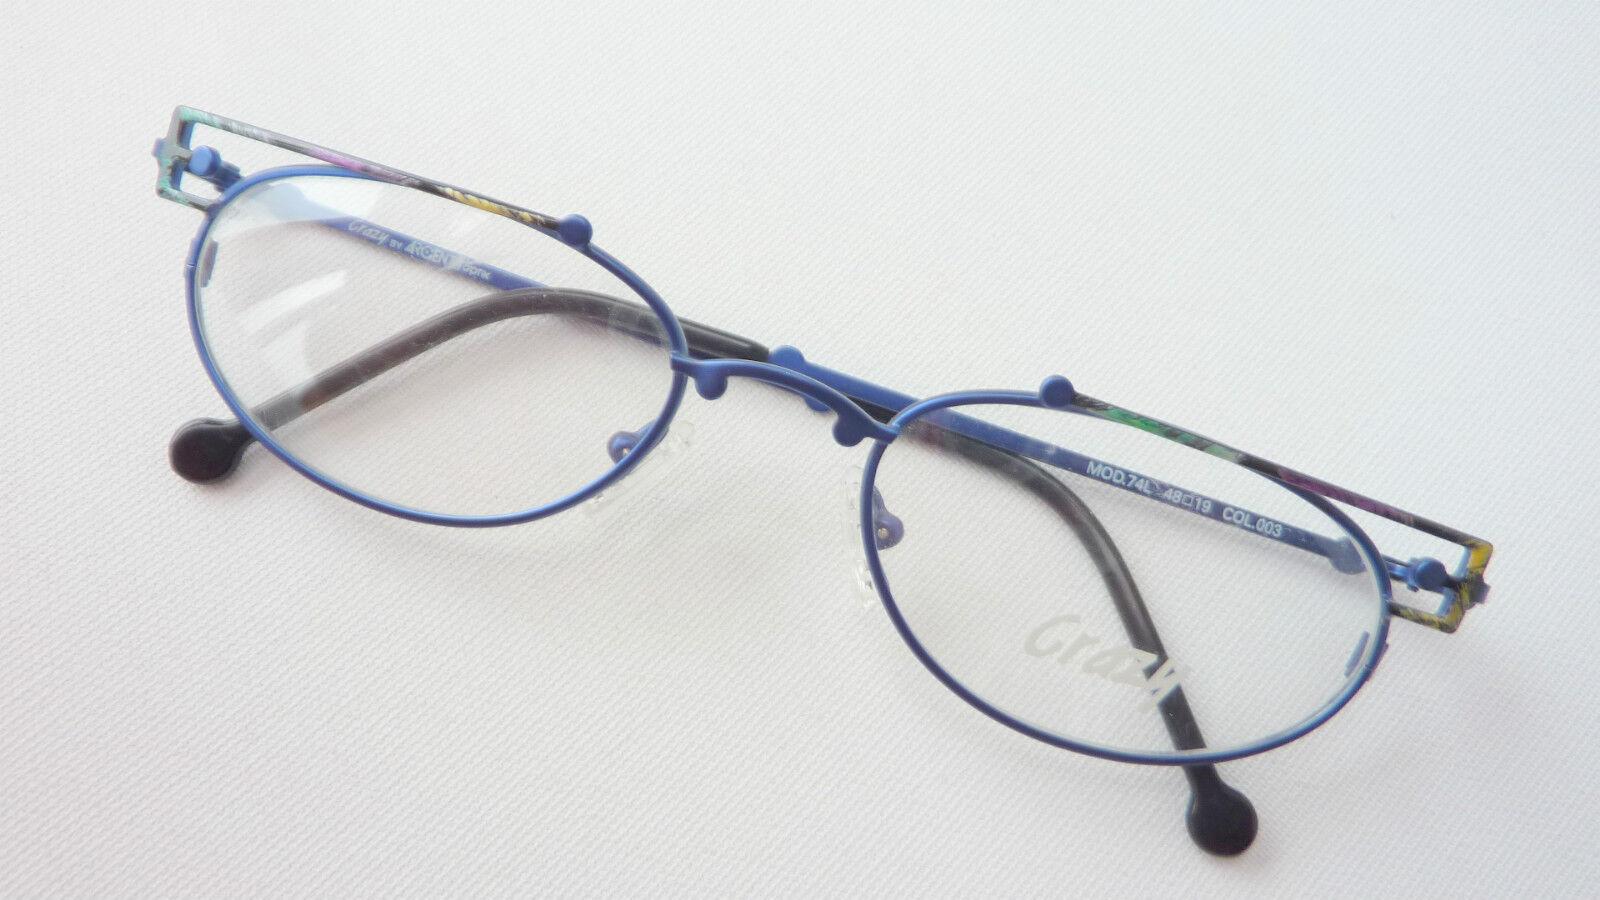 Ausgefallene farbige Balken-Brille für für für Frauen Gestell blau verziert neu Grösse M    Verkauf    Vorzüglich    Um Sowohl Die Qualität Der Zähigkeit Und Härte  6d3865